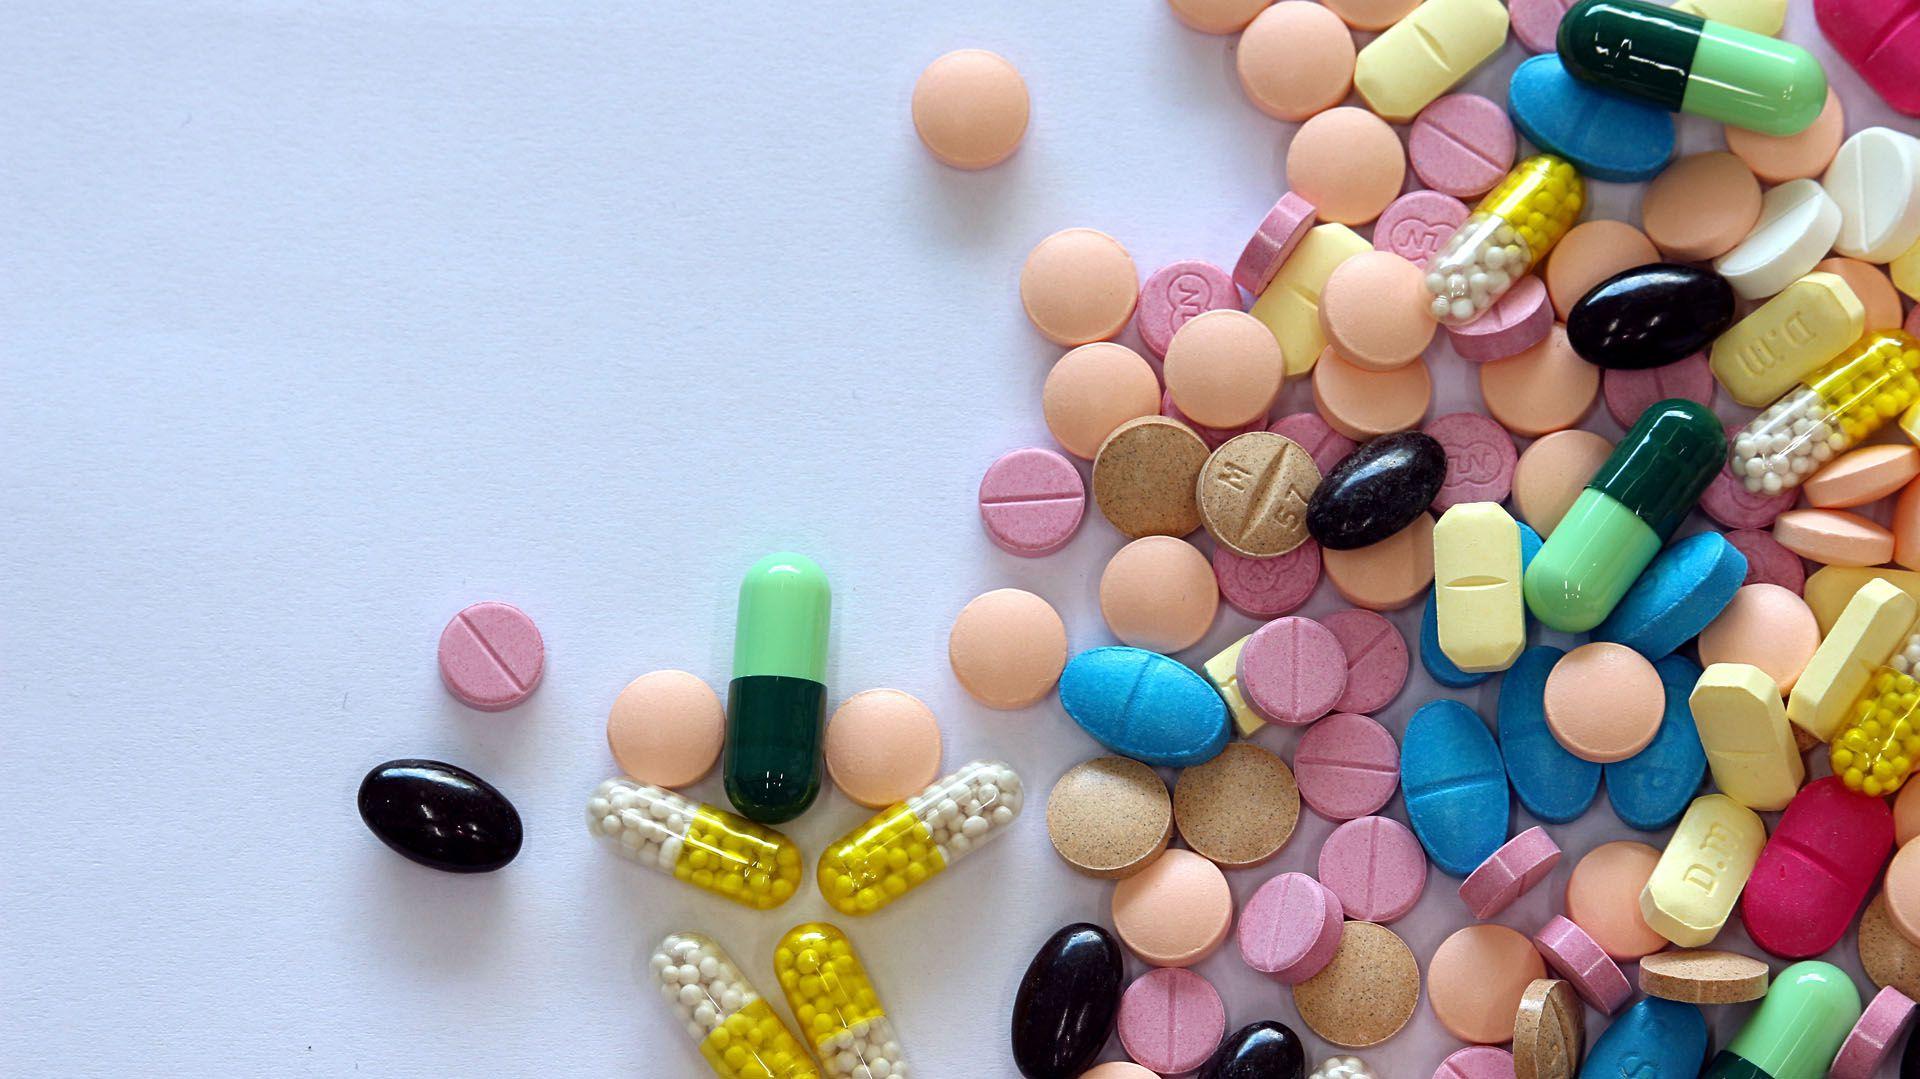 La eritromicina y la penicilina son los antibióticos de elección recomendados tradicionalmente para tratar los casos confirmados de difteria en etapa temprana